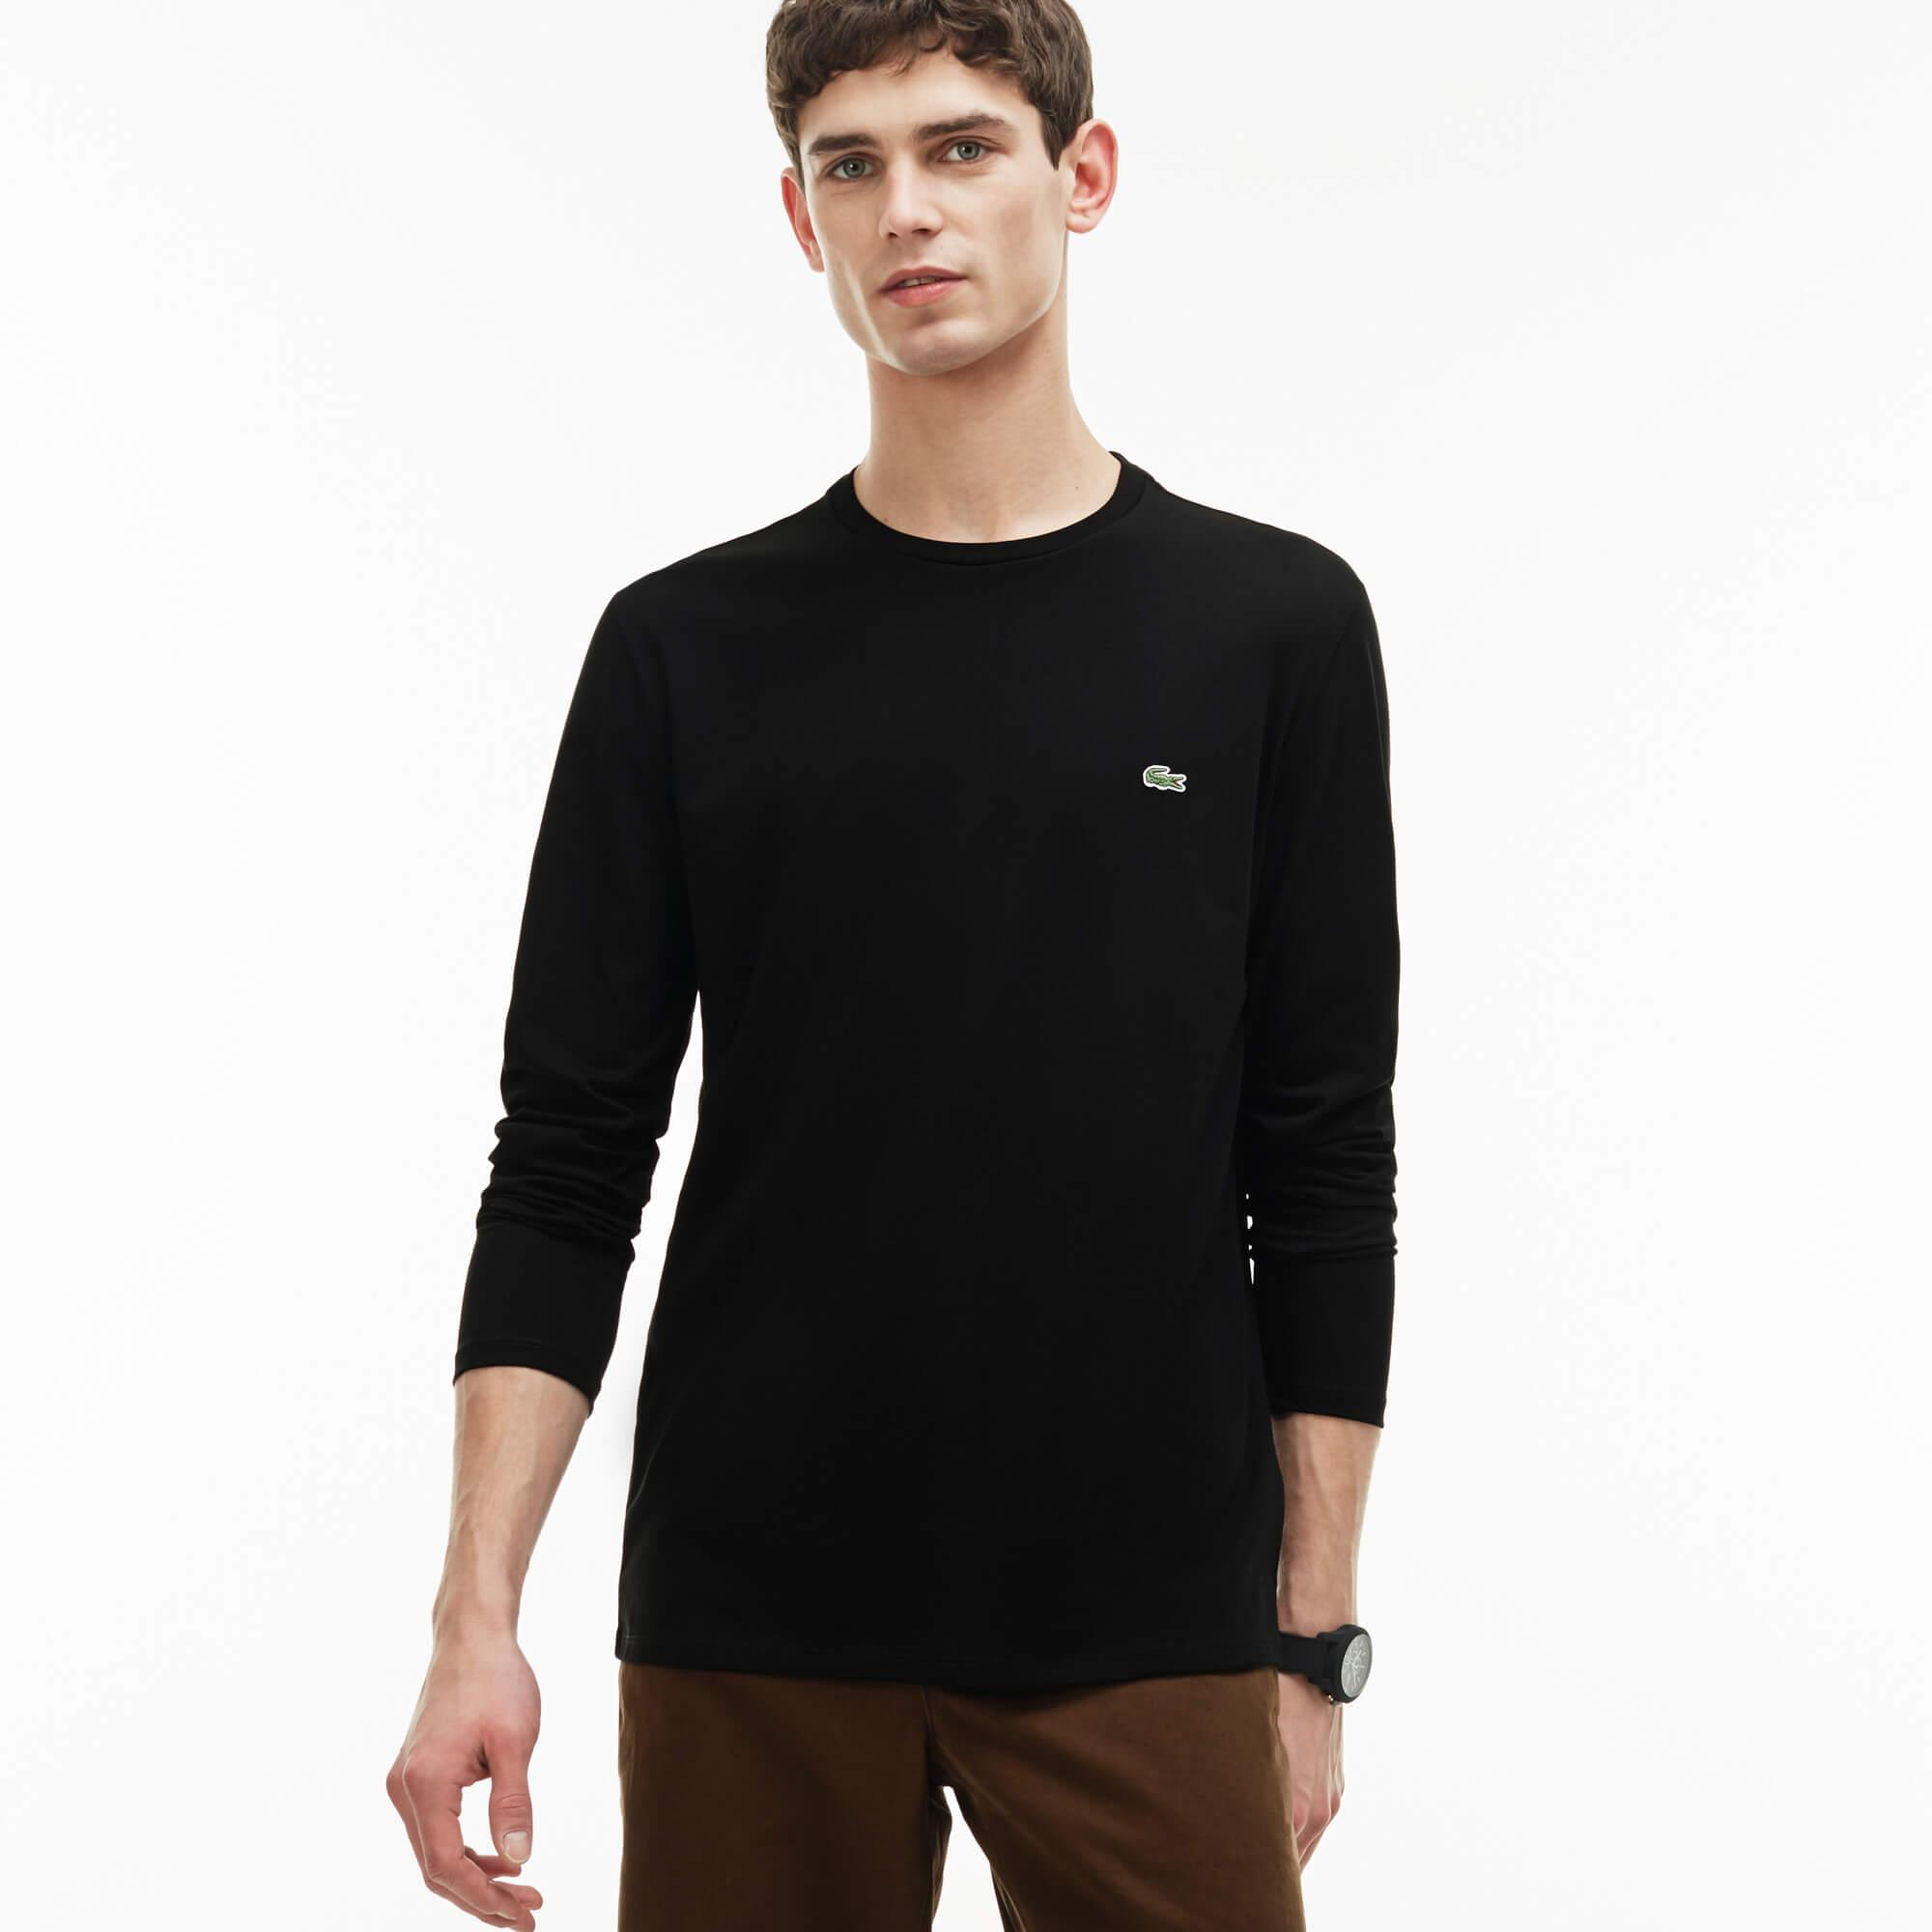 Lacoste Erkek Siyah T-Shirt